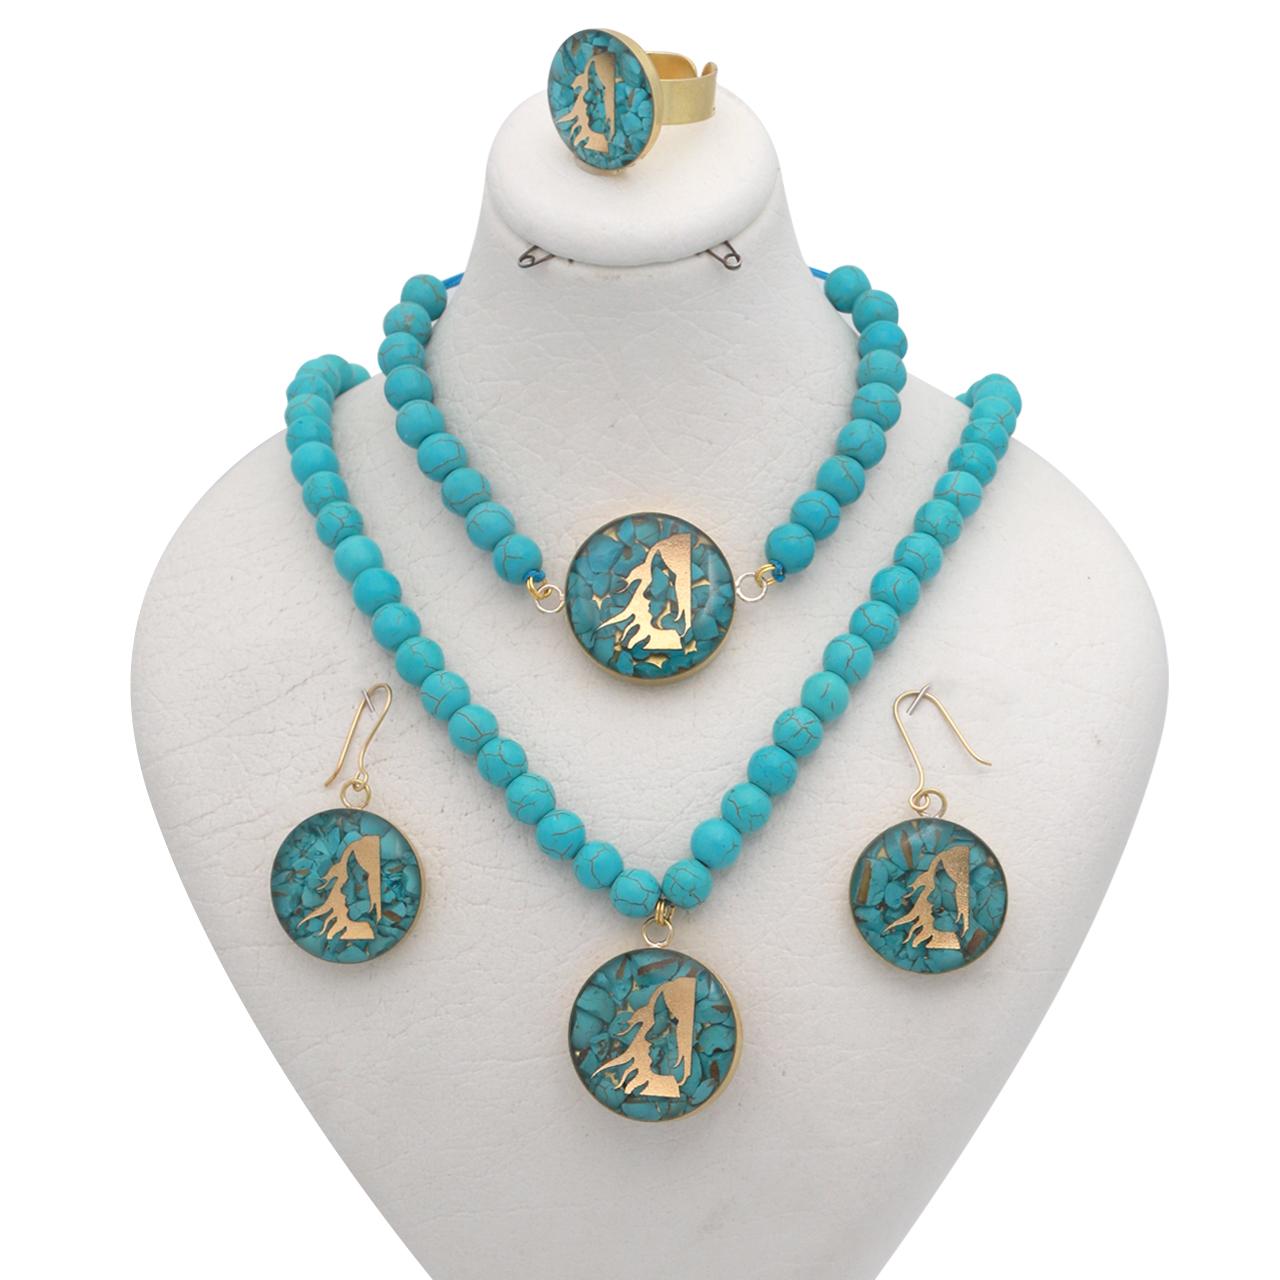 ست طلای 24 عیار زنانه طرح نماد شهریور کد 10006F